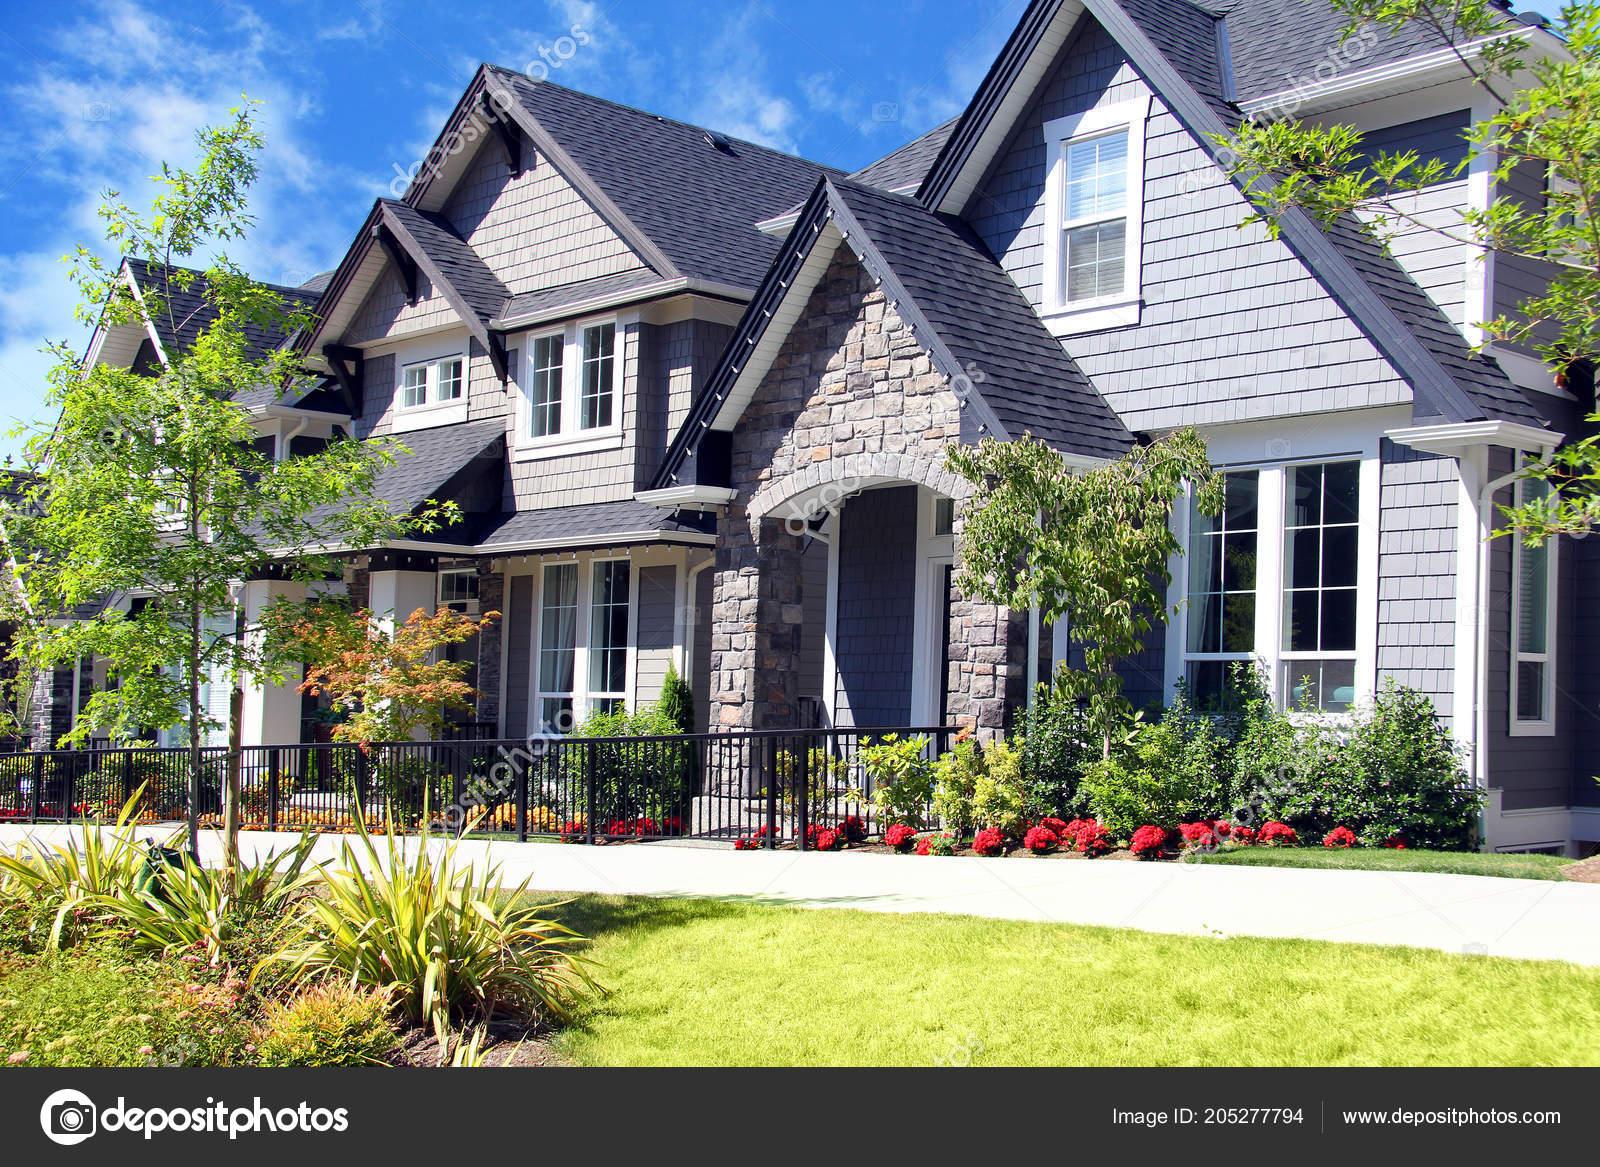 mooie nieuwe tijdloos voorsteden huizen met kleurrijke zomer tuinen